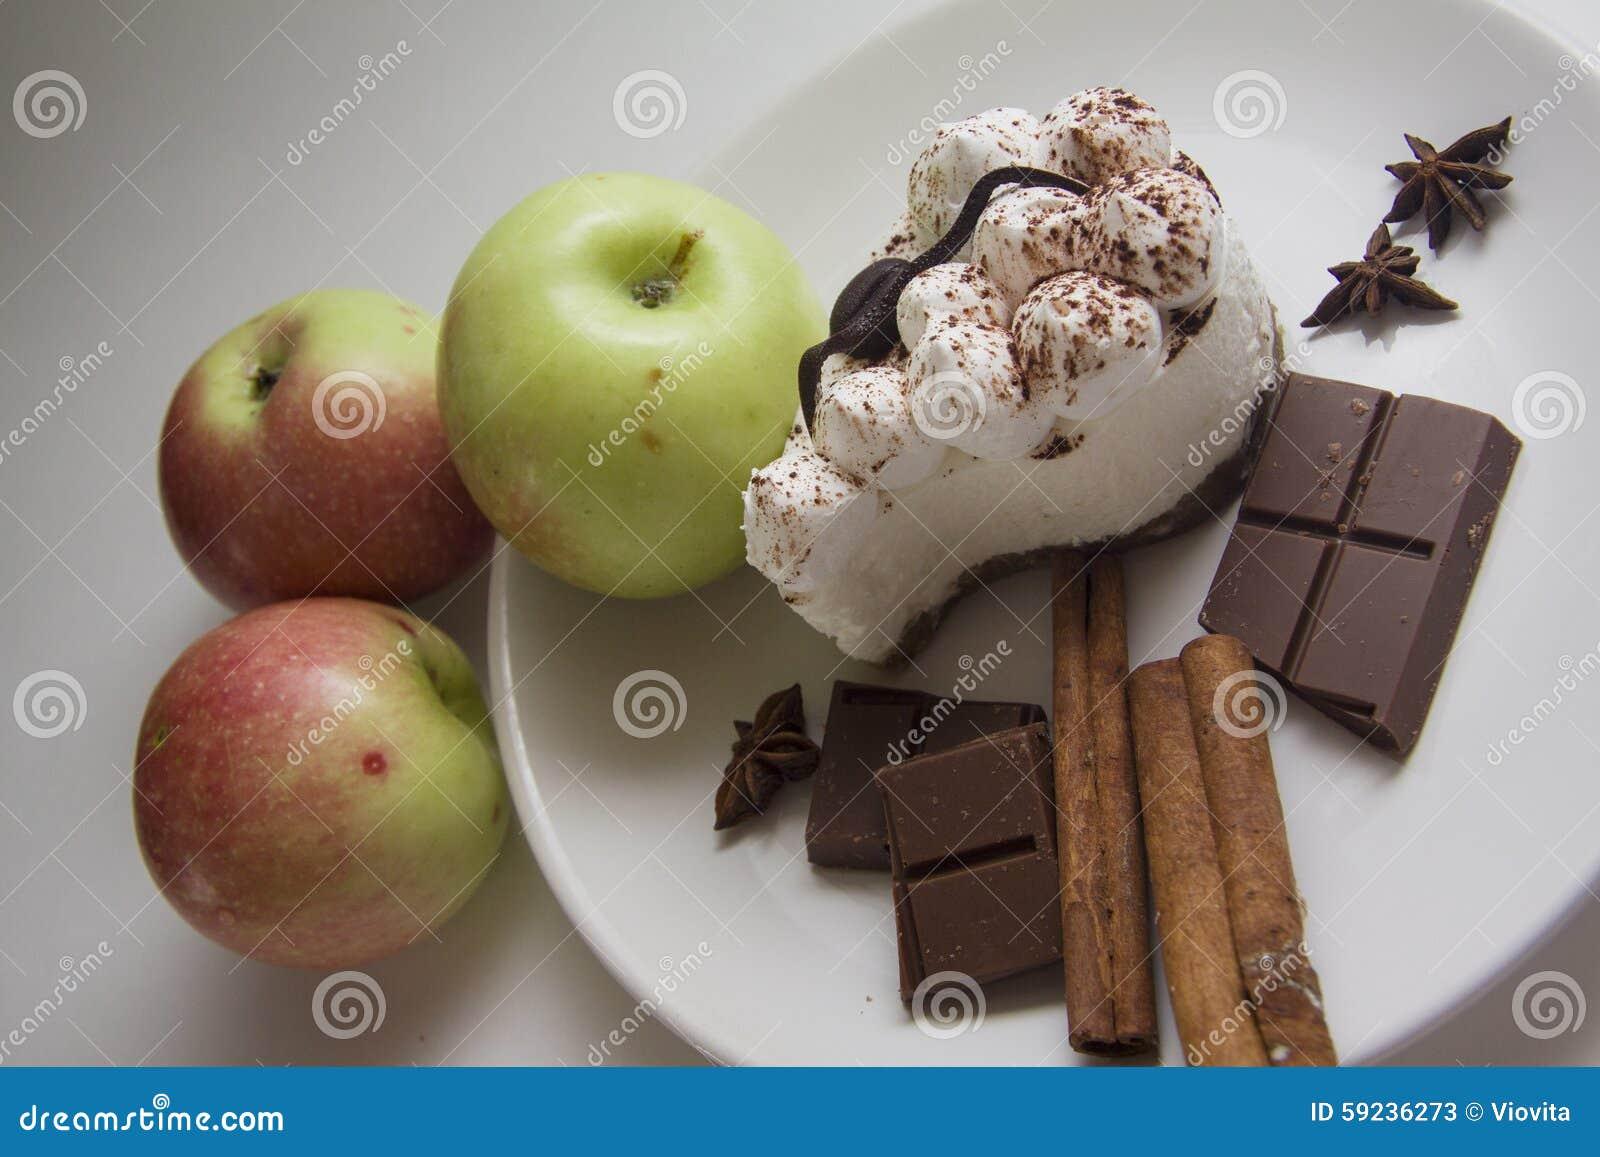 Download Manzanas, peras y tiramisu imagen de archivo. Imagen de cacao - 59236273